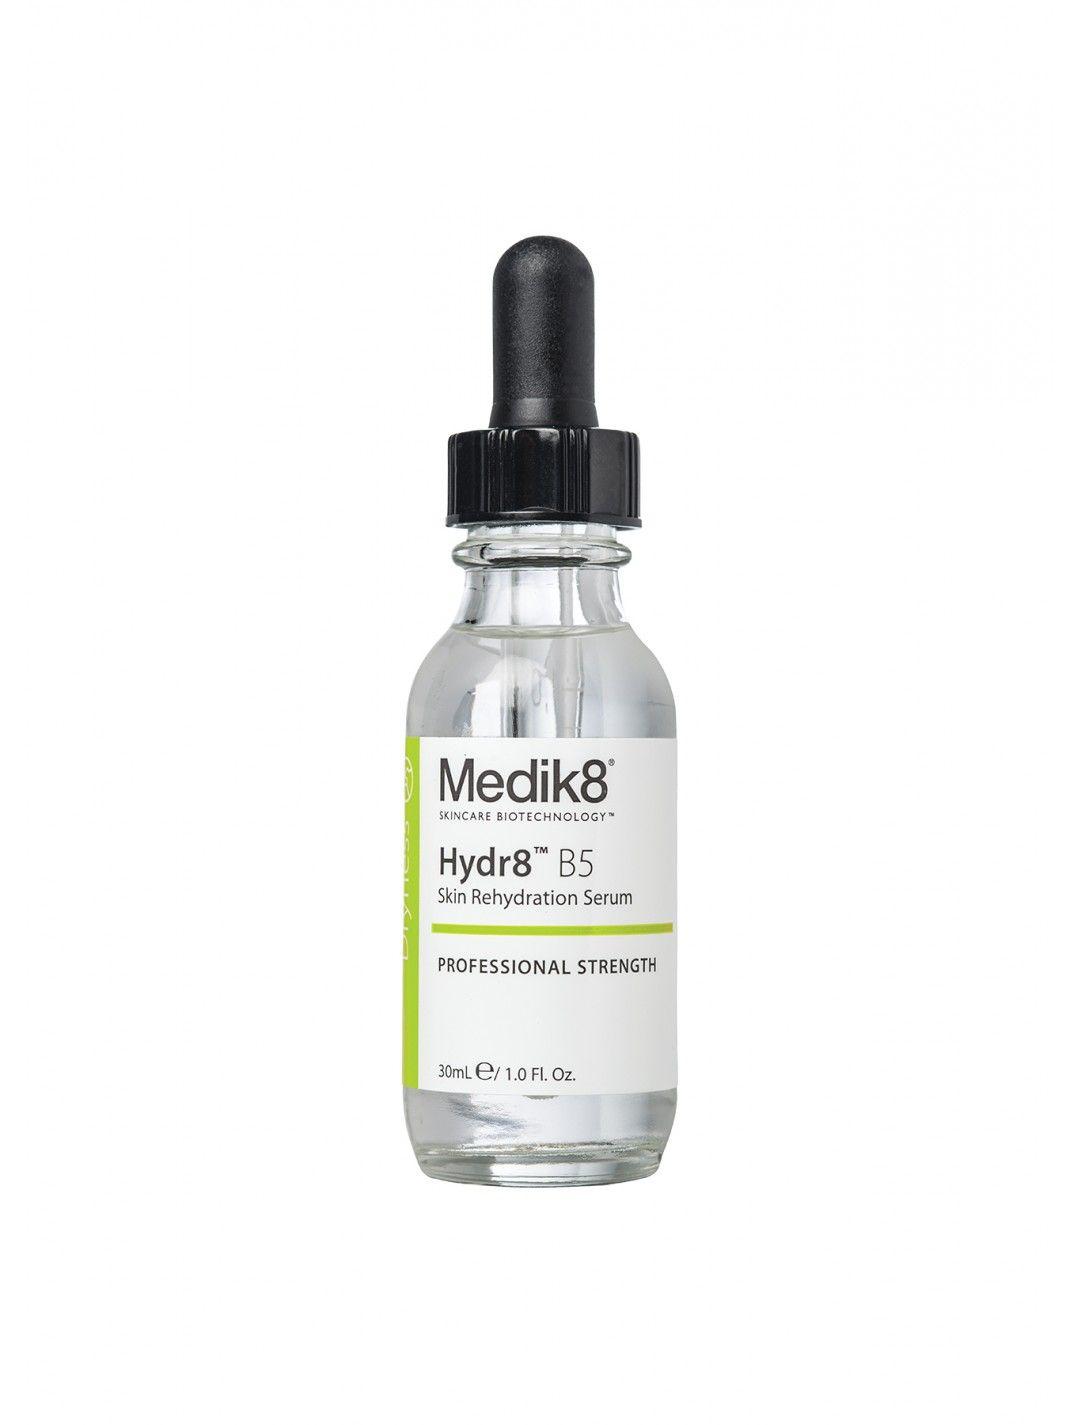 Medik8Hydr8 B5 Skin Rehydration Serum